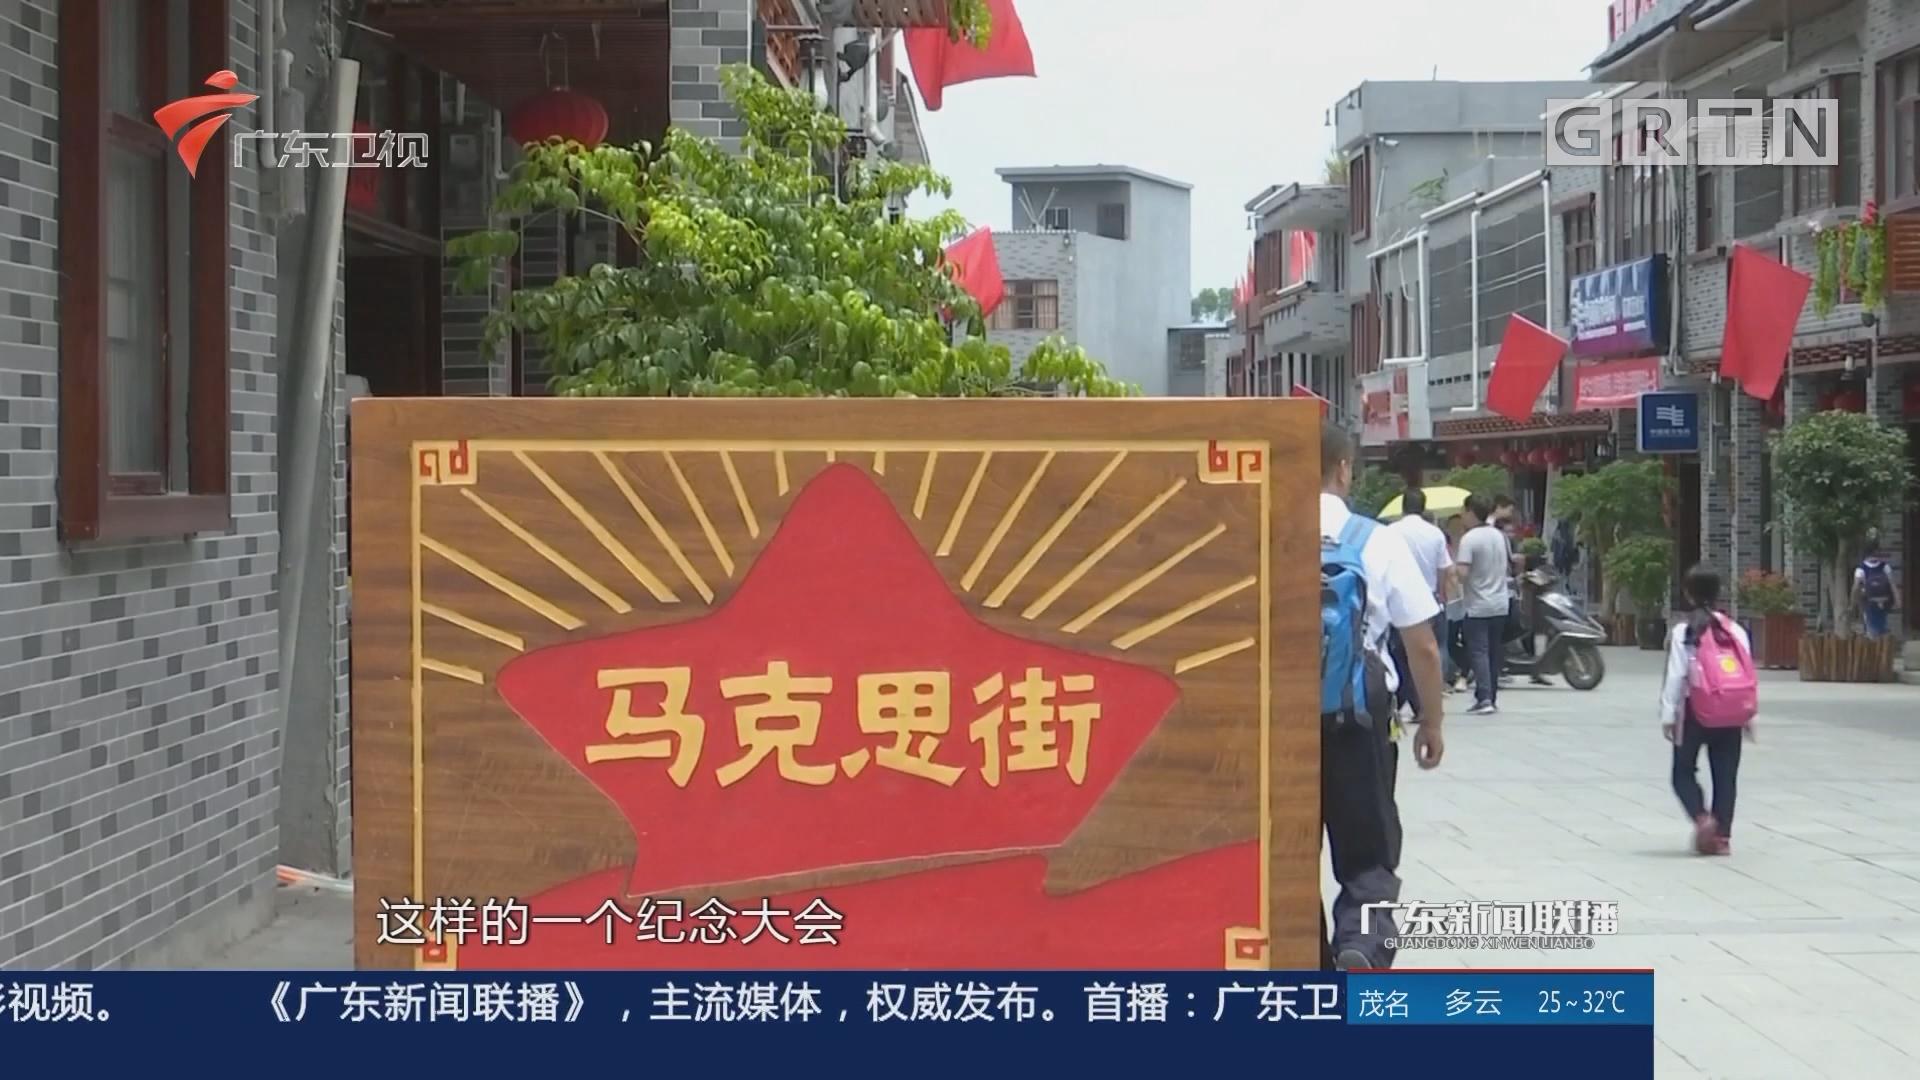 惠州高潭马克思街:见证历史变迁 弘扬红色文化